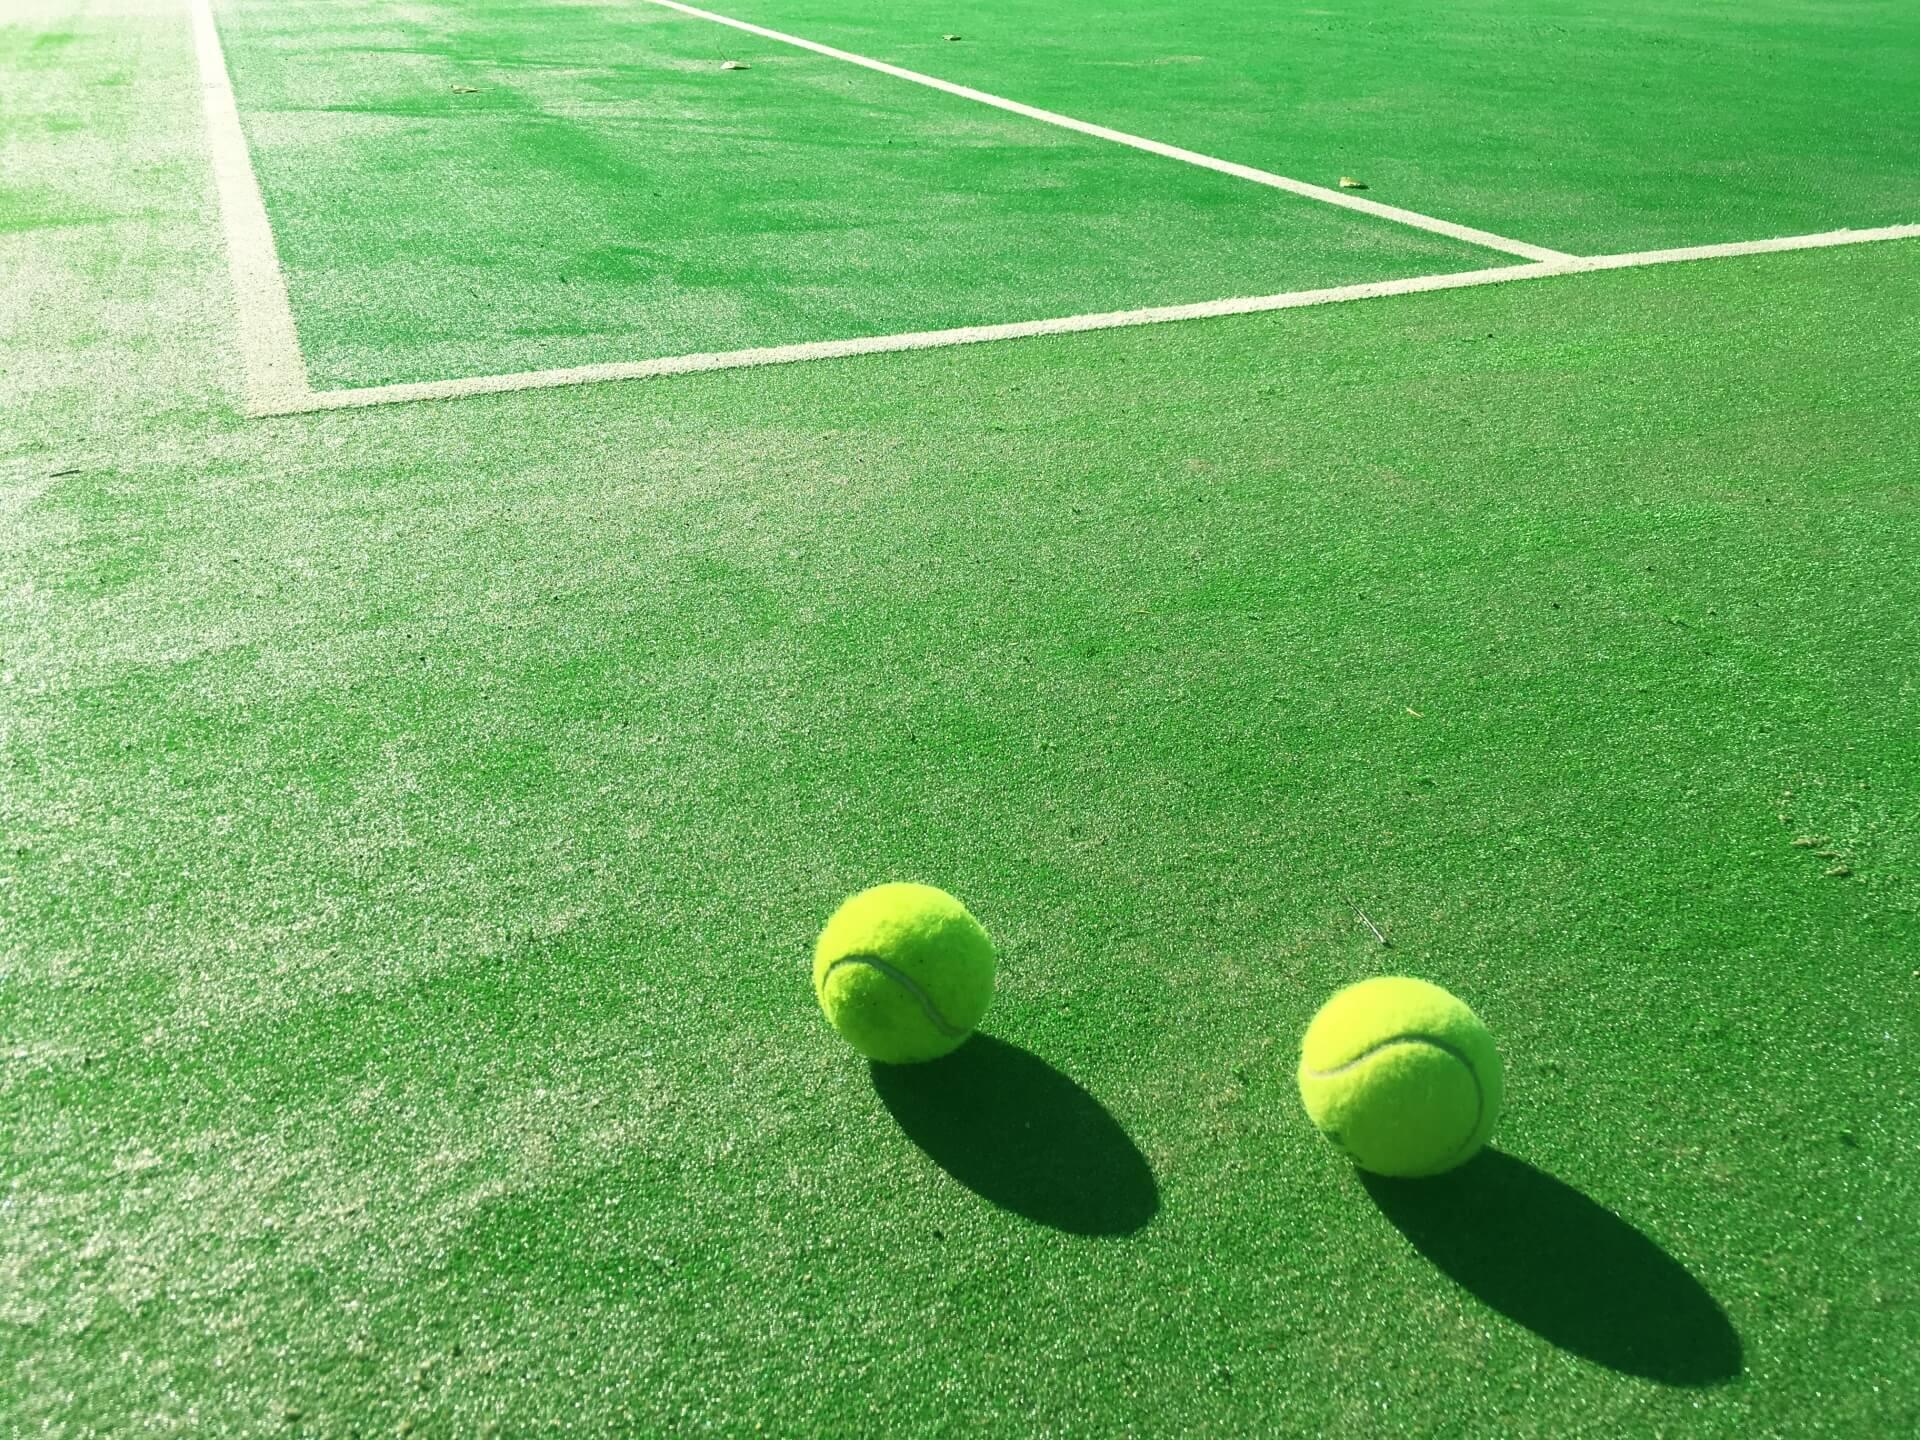 WOWOWのテニス放送予定まとめ!4大大会(グランドスラム)を生中継!